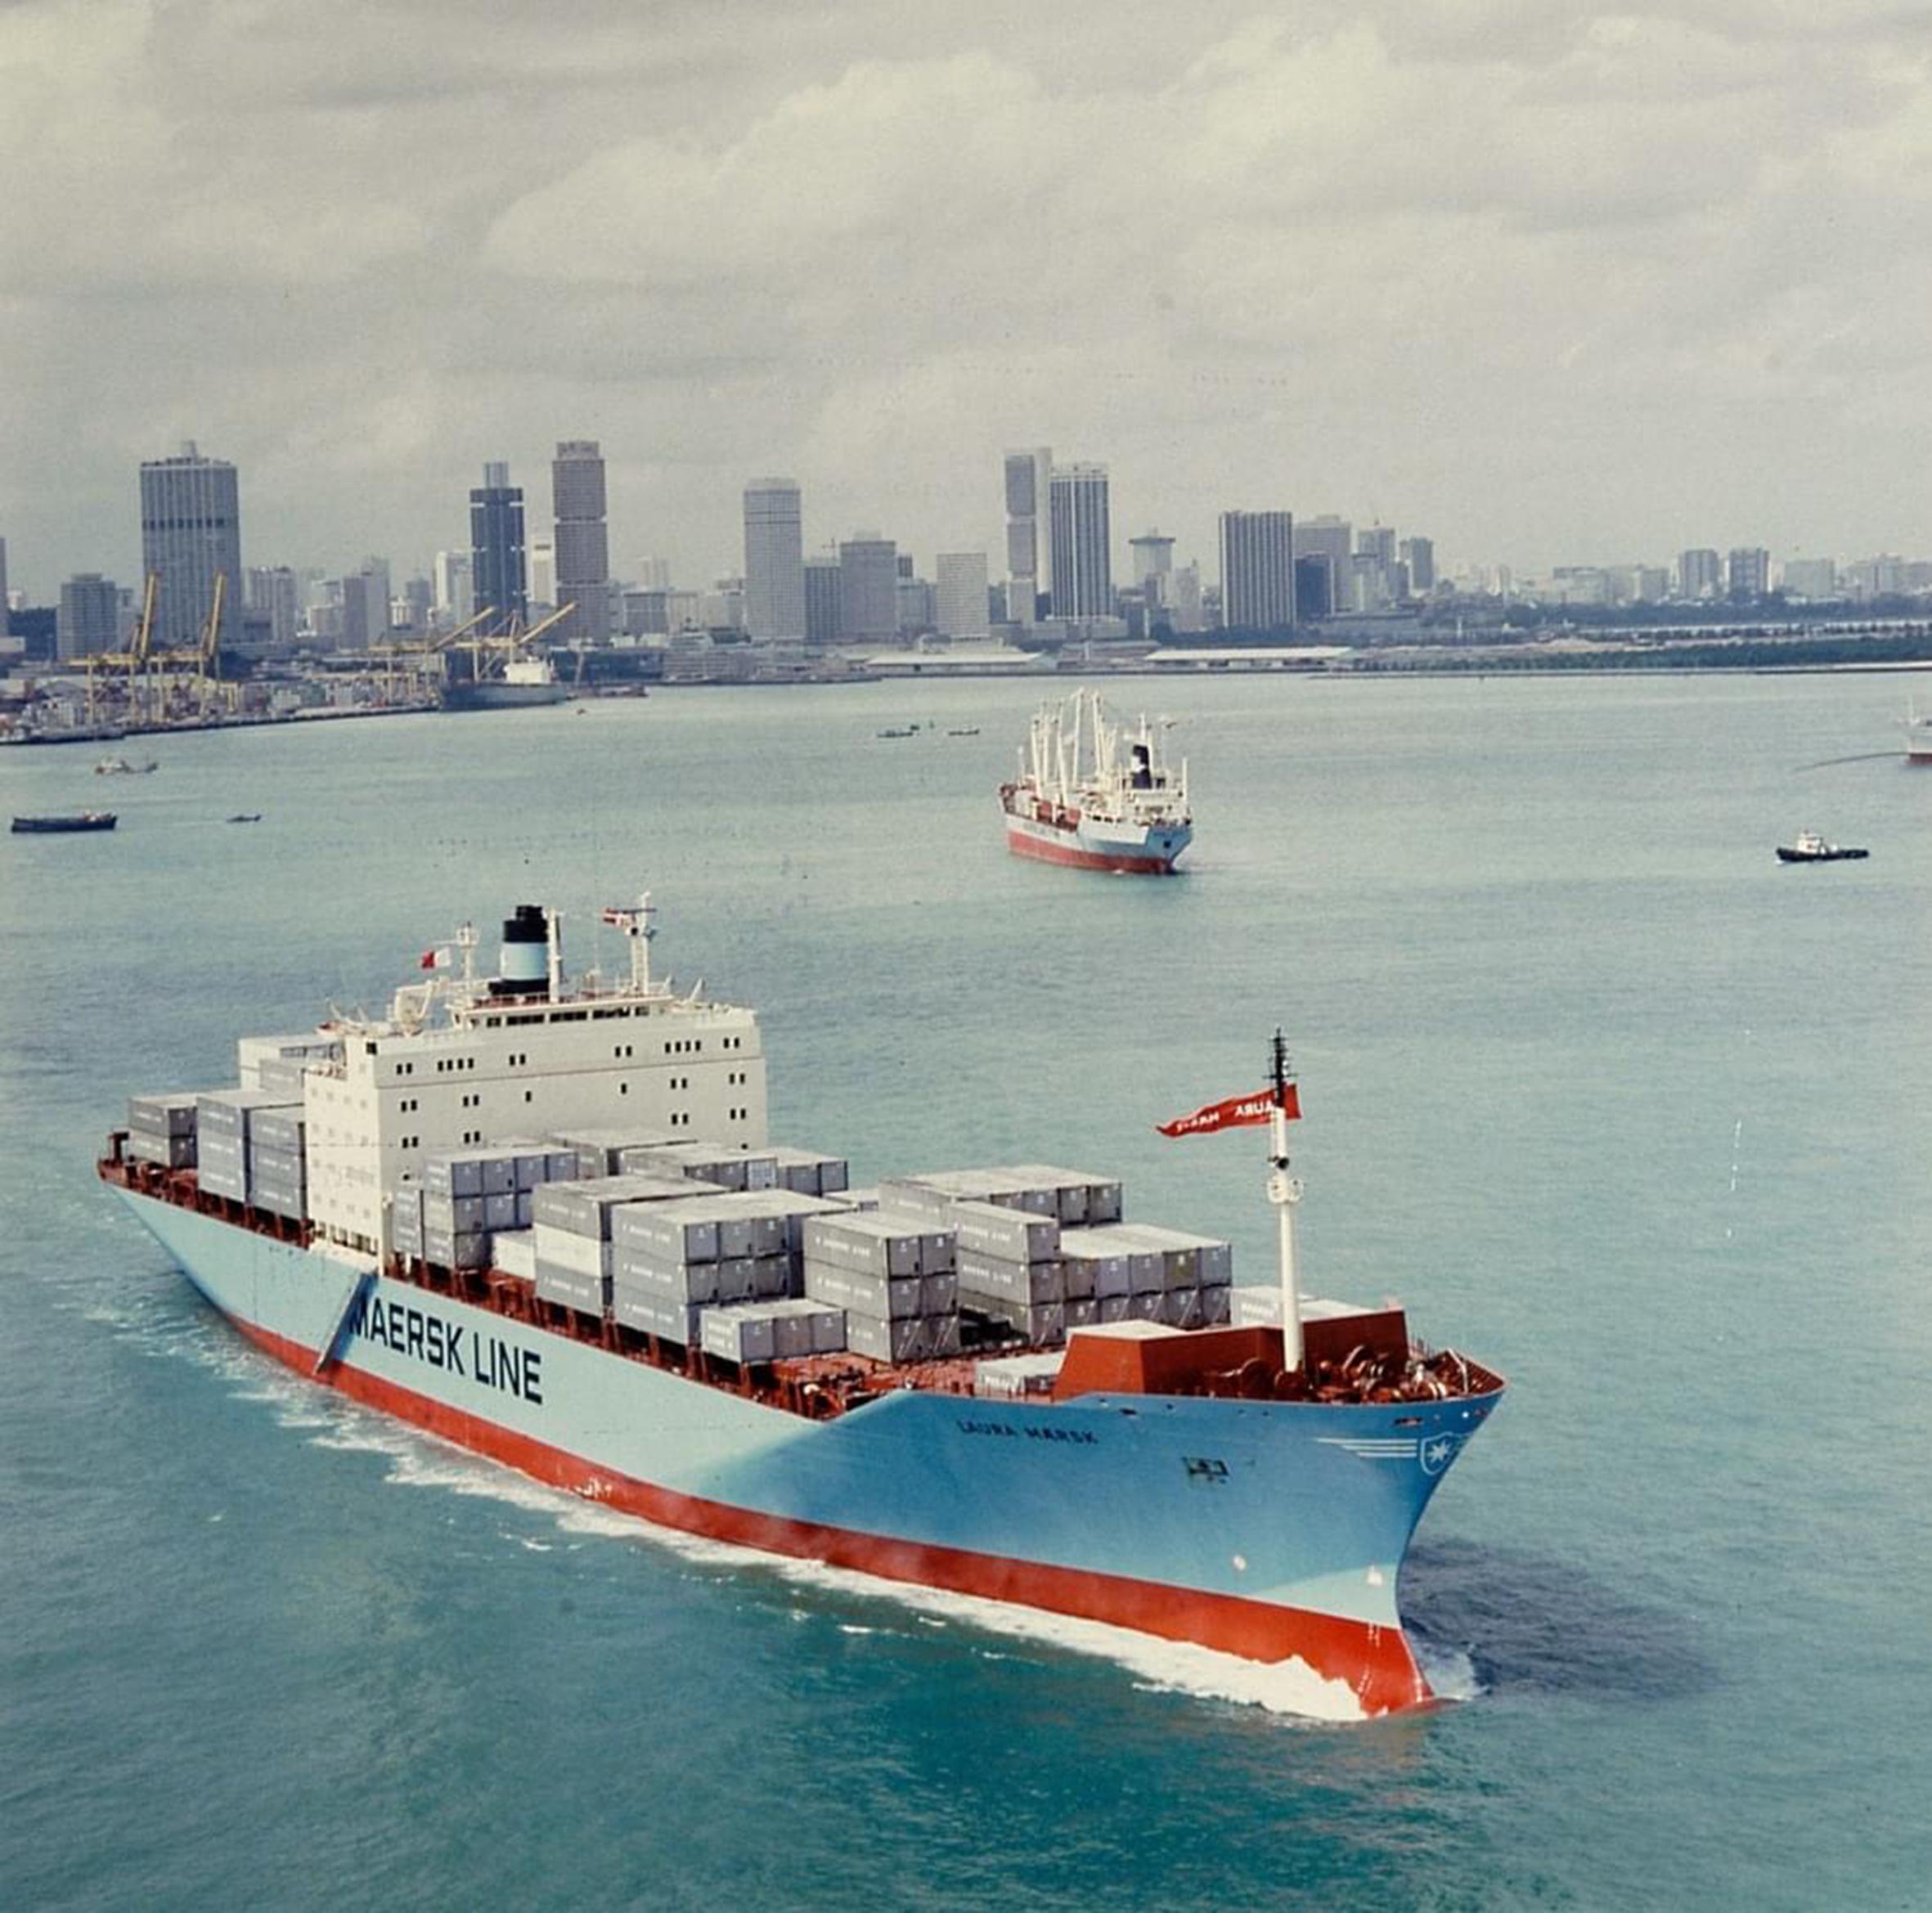 Een state of the art containerschip noemde rederij Maersk 40 jaar geleden de Laura Maersk van 2100 teu. Maersk besloot in 1980 de volledige handel van Europa naar Azië te containeriseren. De grootste containerschepen van Maersk, zoals de Madrid Maersk, nemen intussen ruim 10 keer zoveel mee als de Laura. (Foto Maersk)